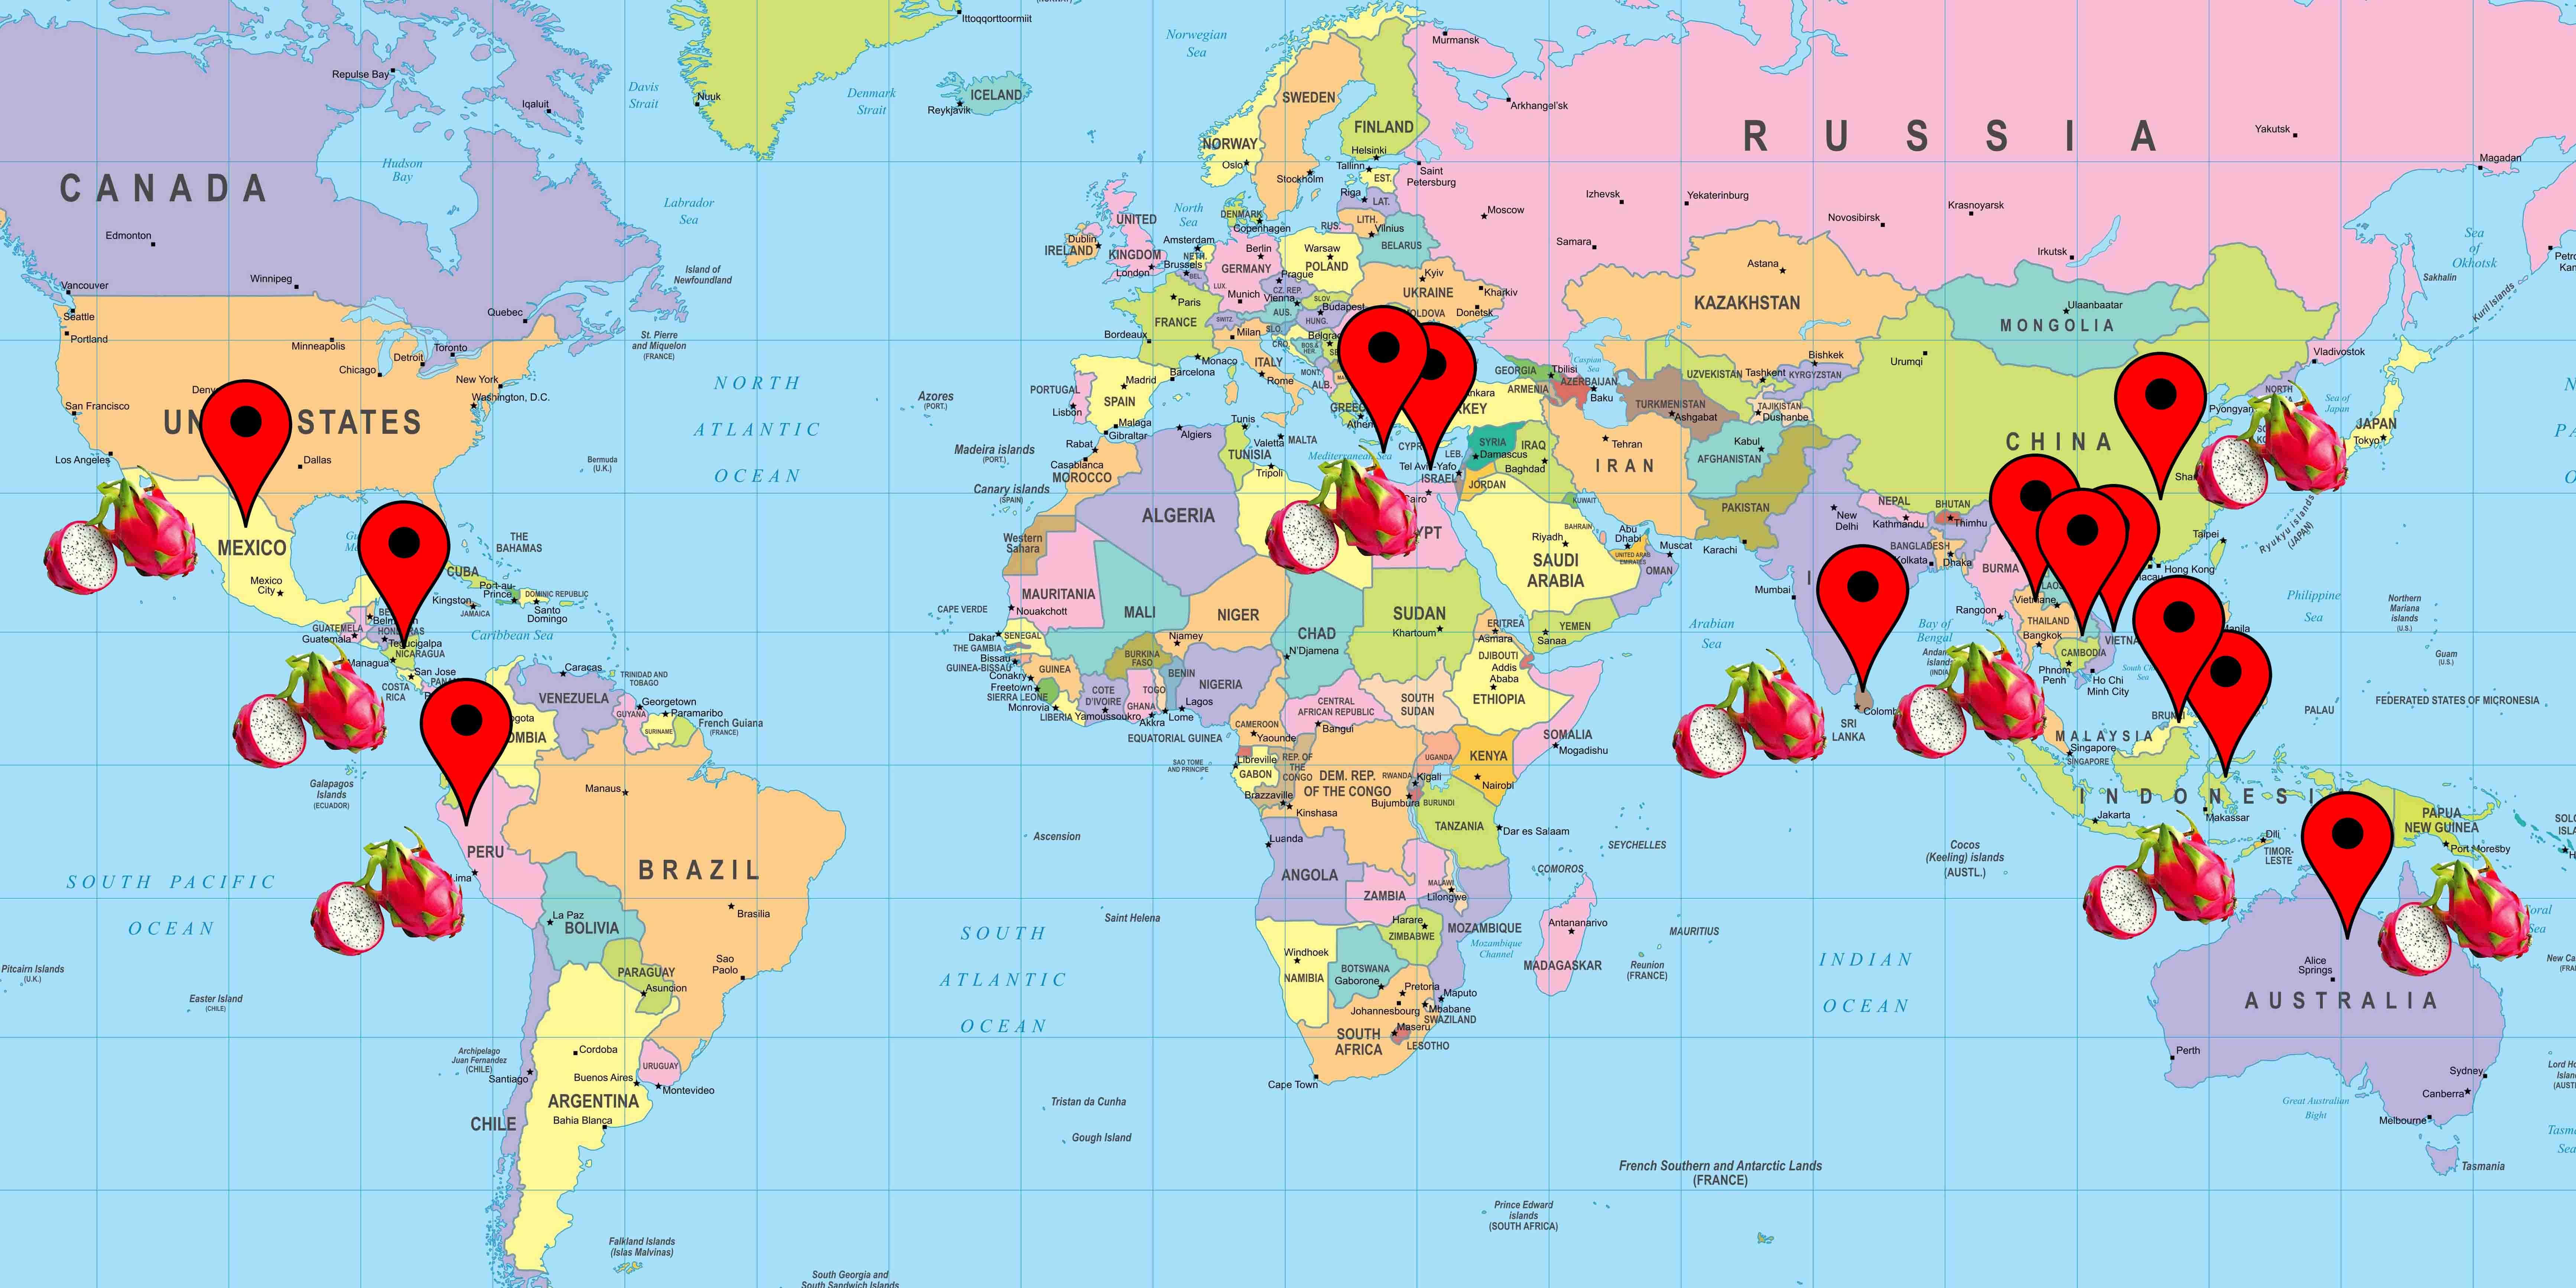 Cartina distribuzione coltivazione pitaya dragon fruit